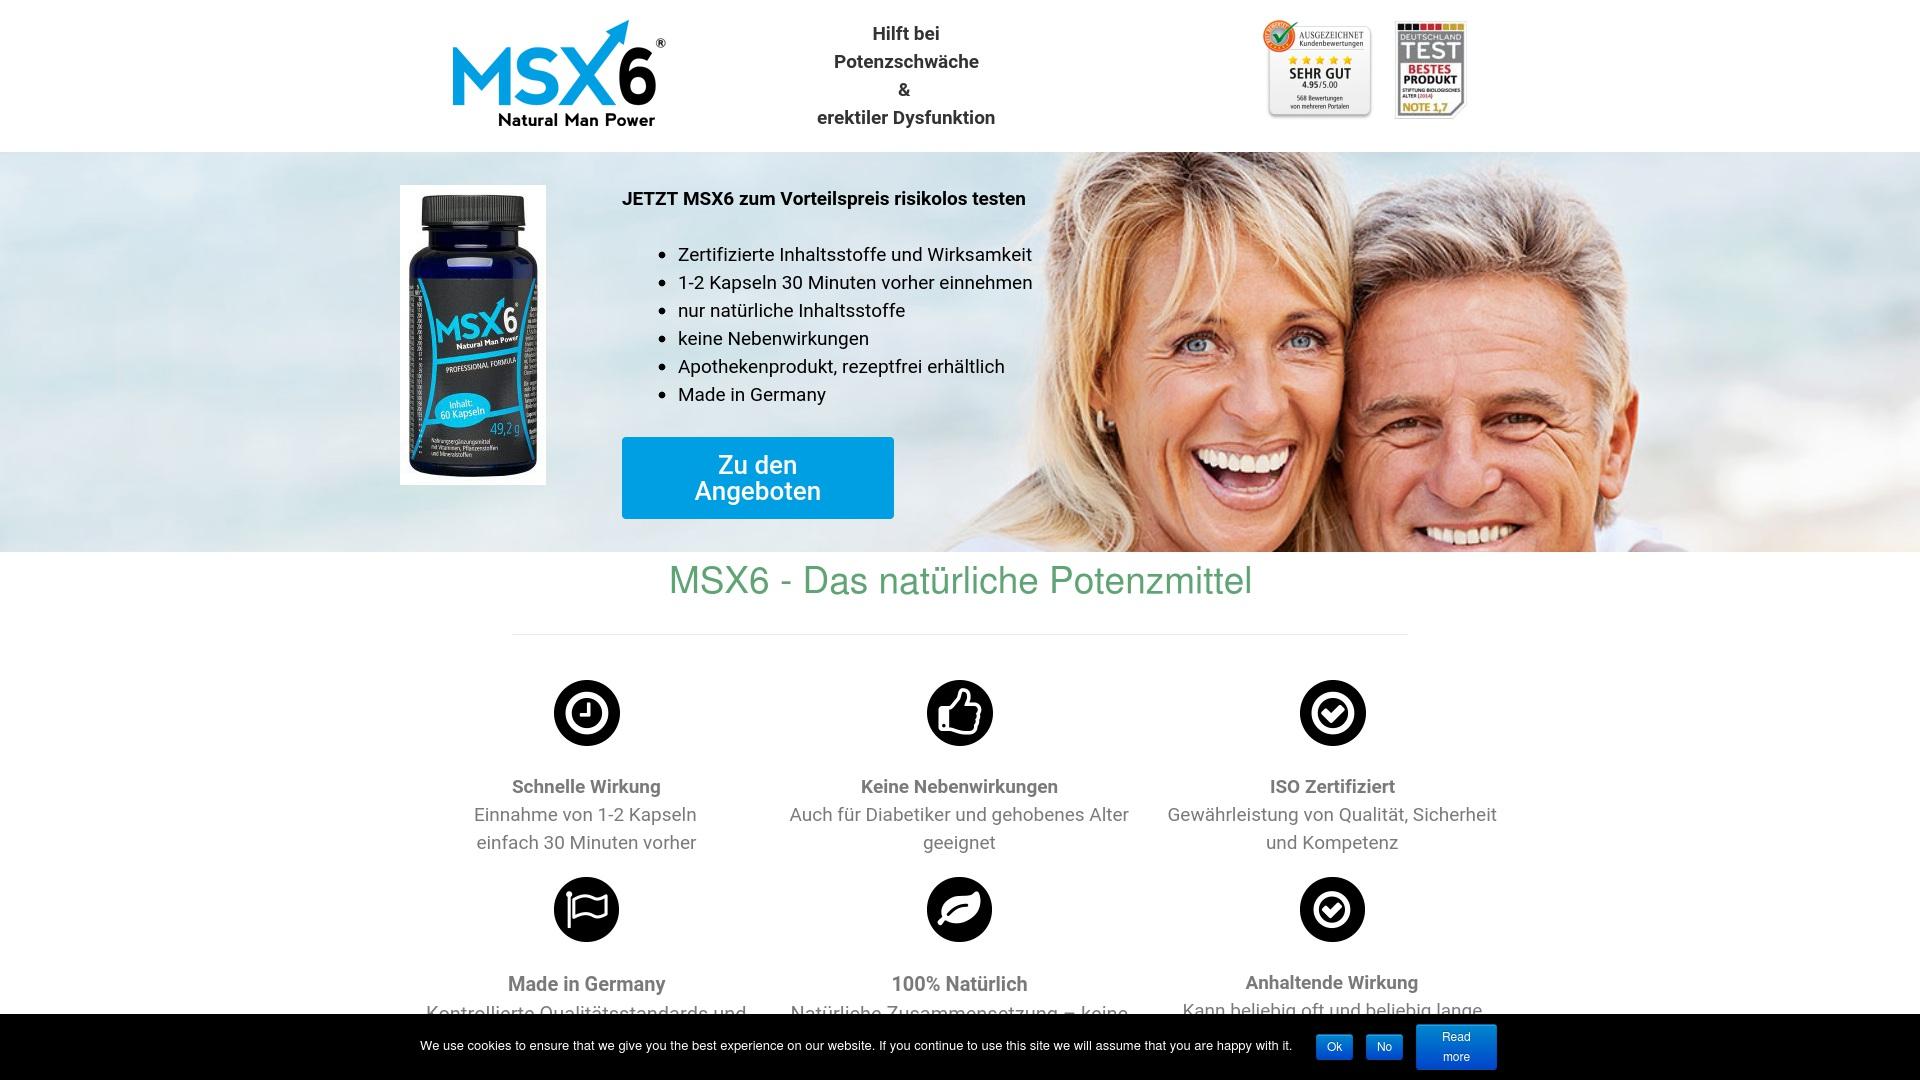 Geld zurück bei Msx6: Jetzt im September 2021 Cashback für Msx6 sichern